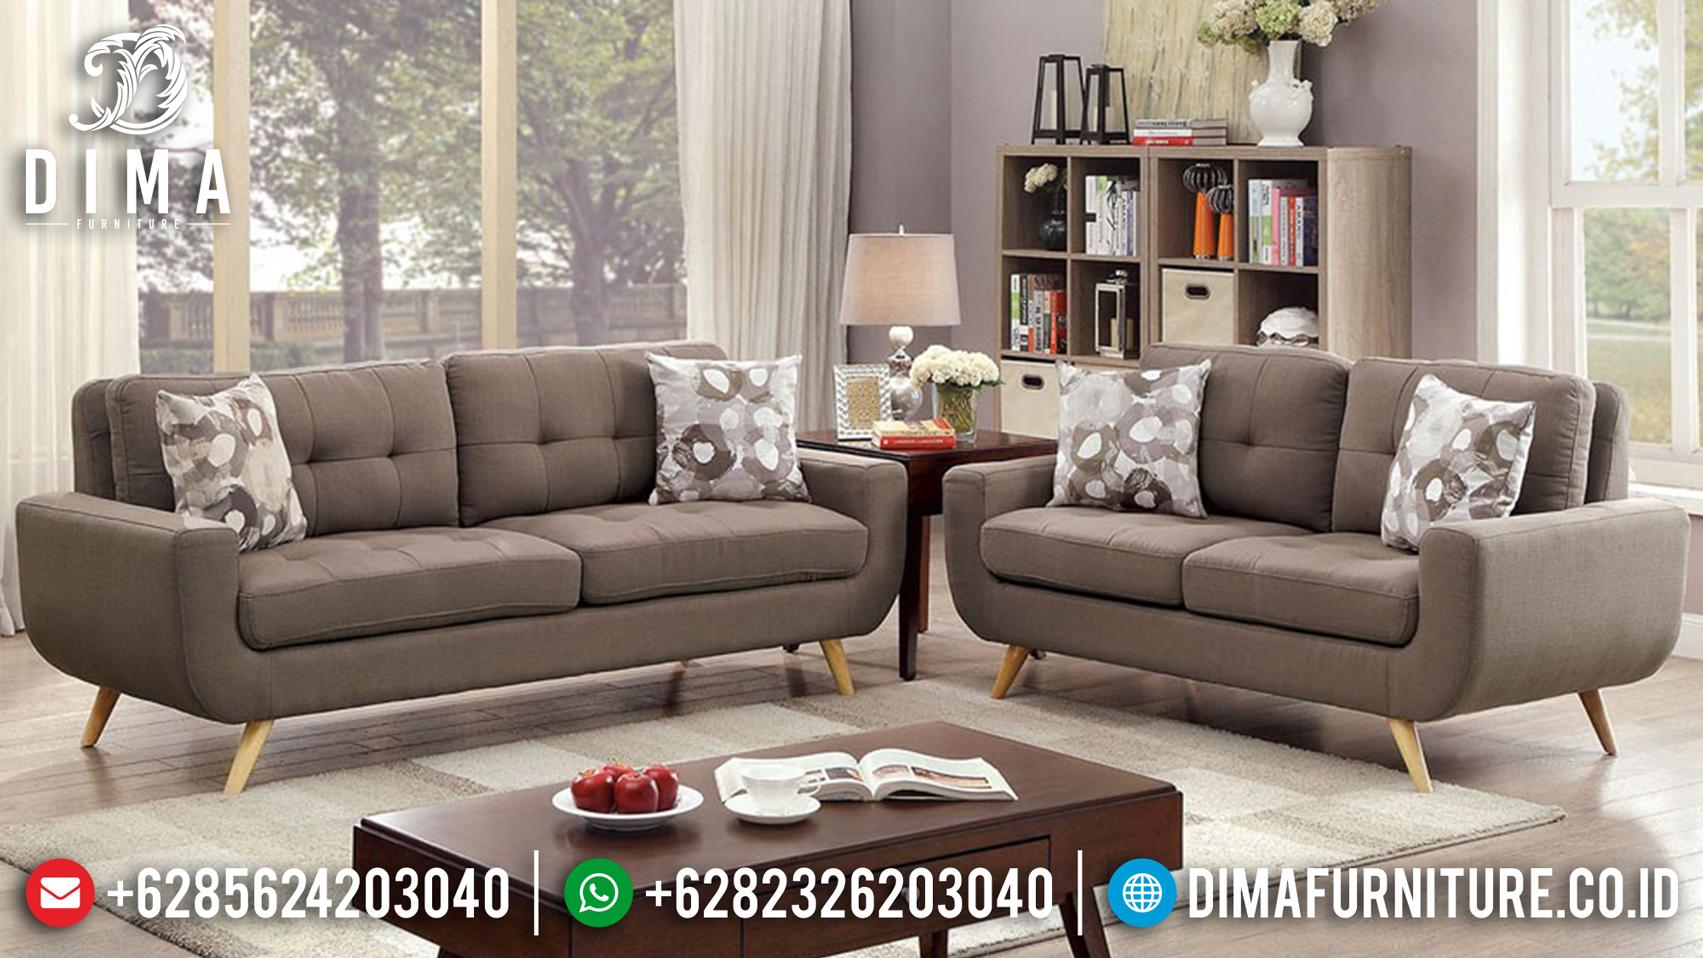 Terbaru Set Sofa Tamu Minimalis Jepara Sedori Fabric Mewah DF-0747